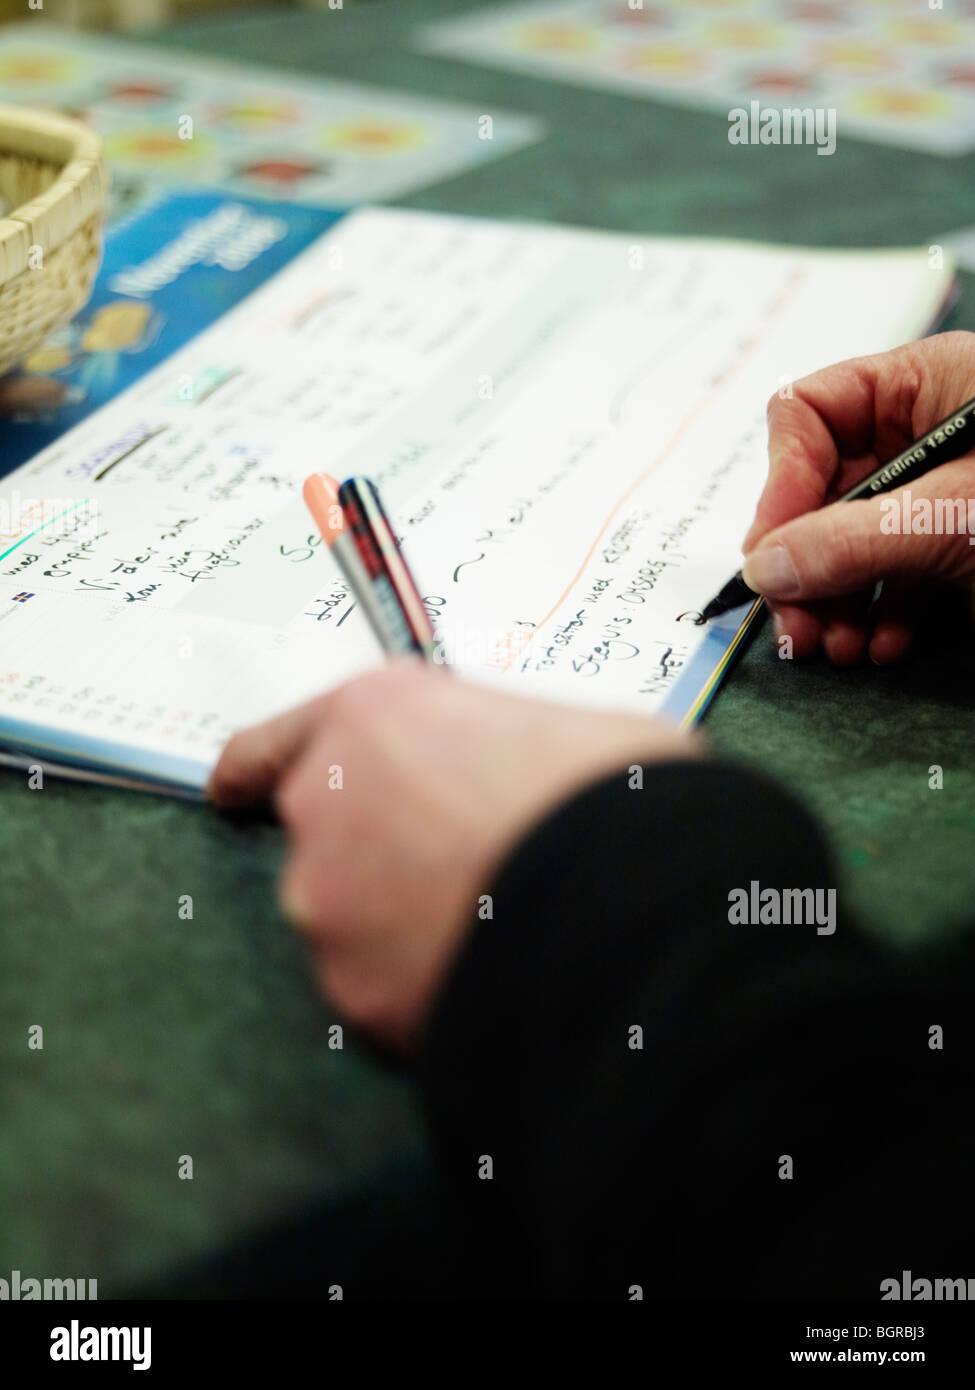 Las manos de una persona escrito en un calendario. Imagen De Stock